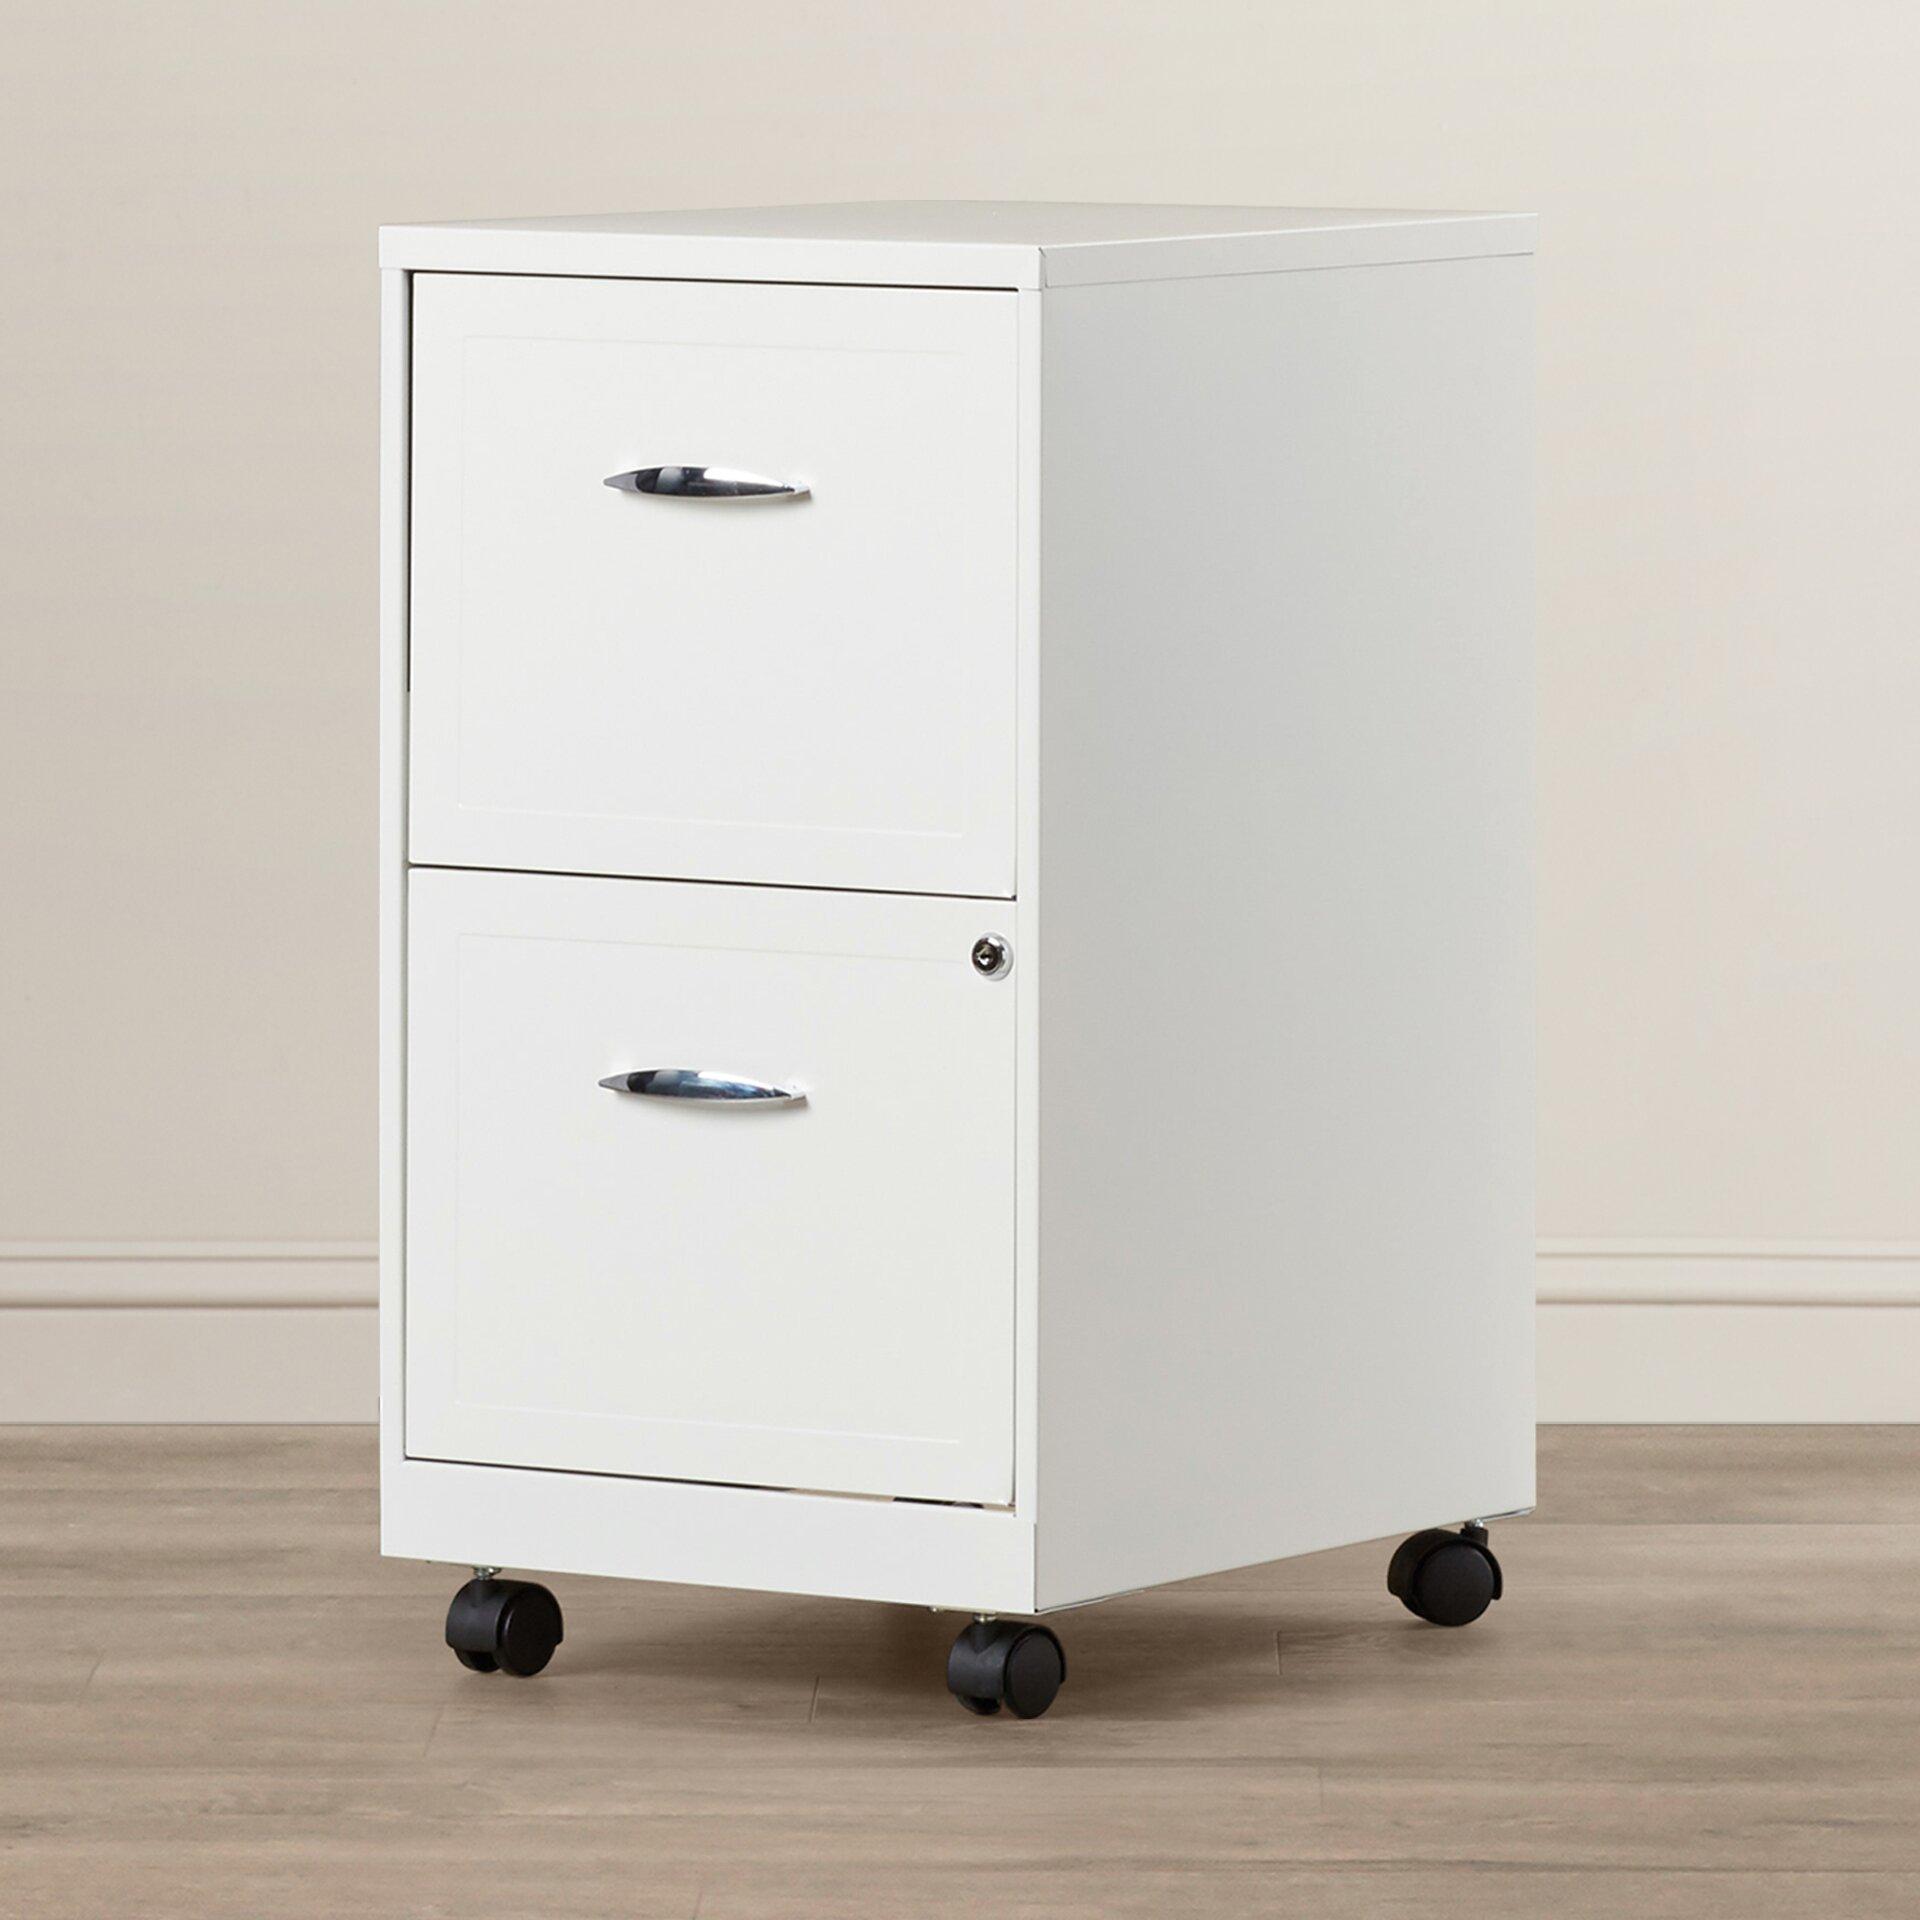 White wood 2 drawer file cabinet - Fantastic Furniture Gt Commercial File Cabinets Gt Ofm 55106 Mobile File Cabinet